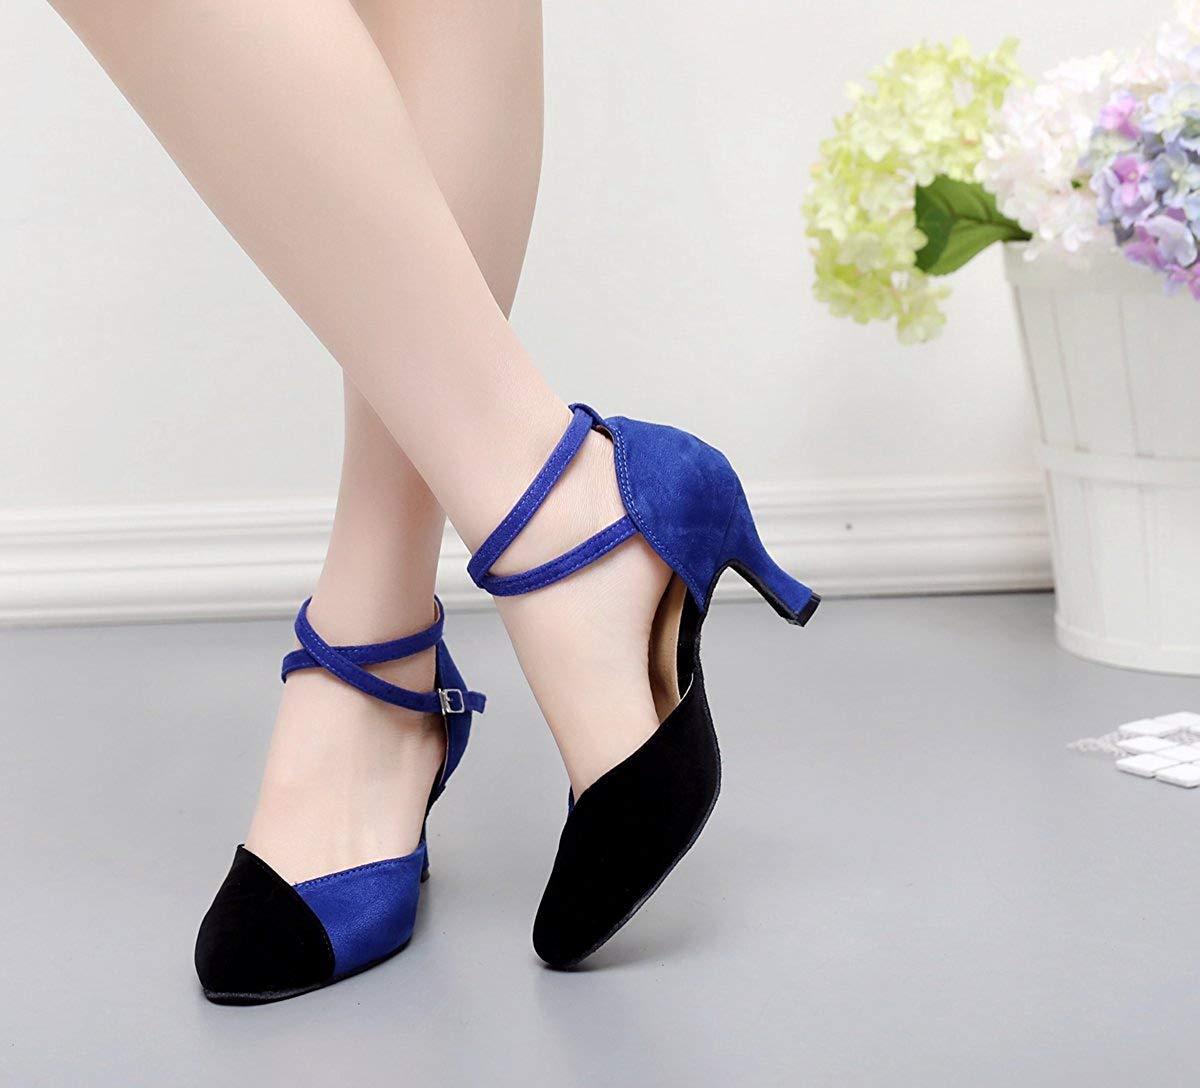 Fuxitoggo TJ7136 Damen Mädchen Knöchelriemen Blau Wildleder Latin Dancing Schuhe Schuhe Schuhe Formale Partei Pumps UK 4.5 (Farbe   -, Größe   -) cd5ec3